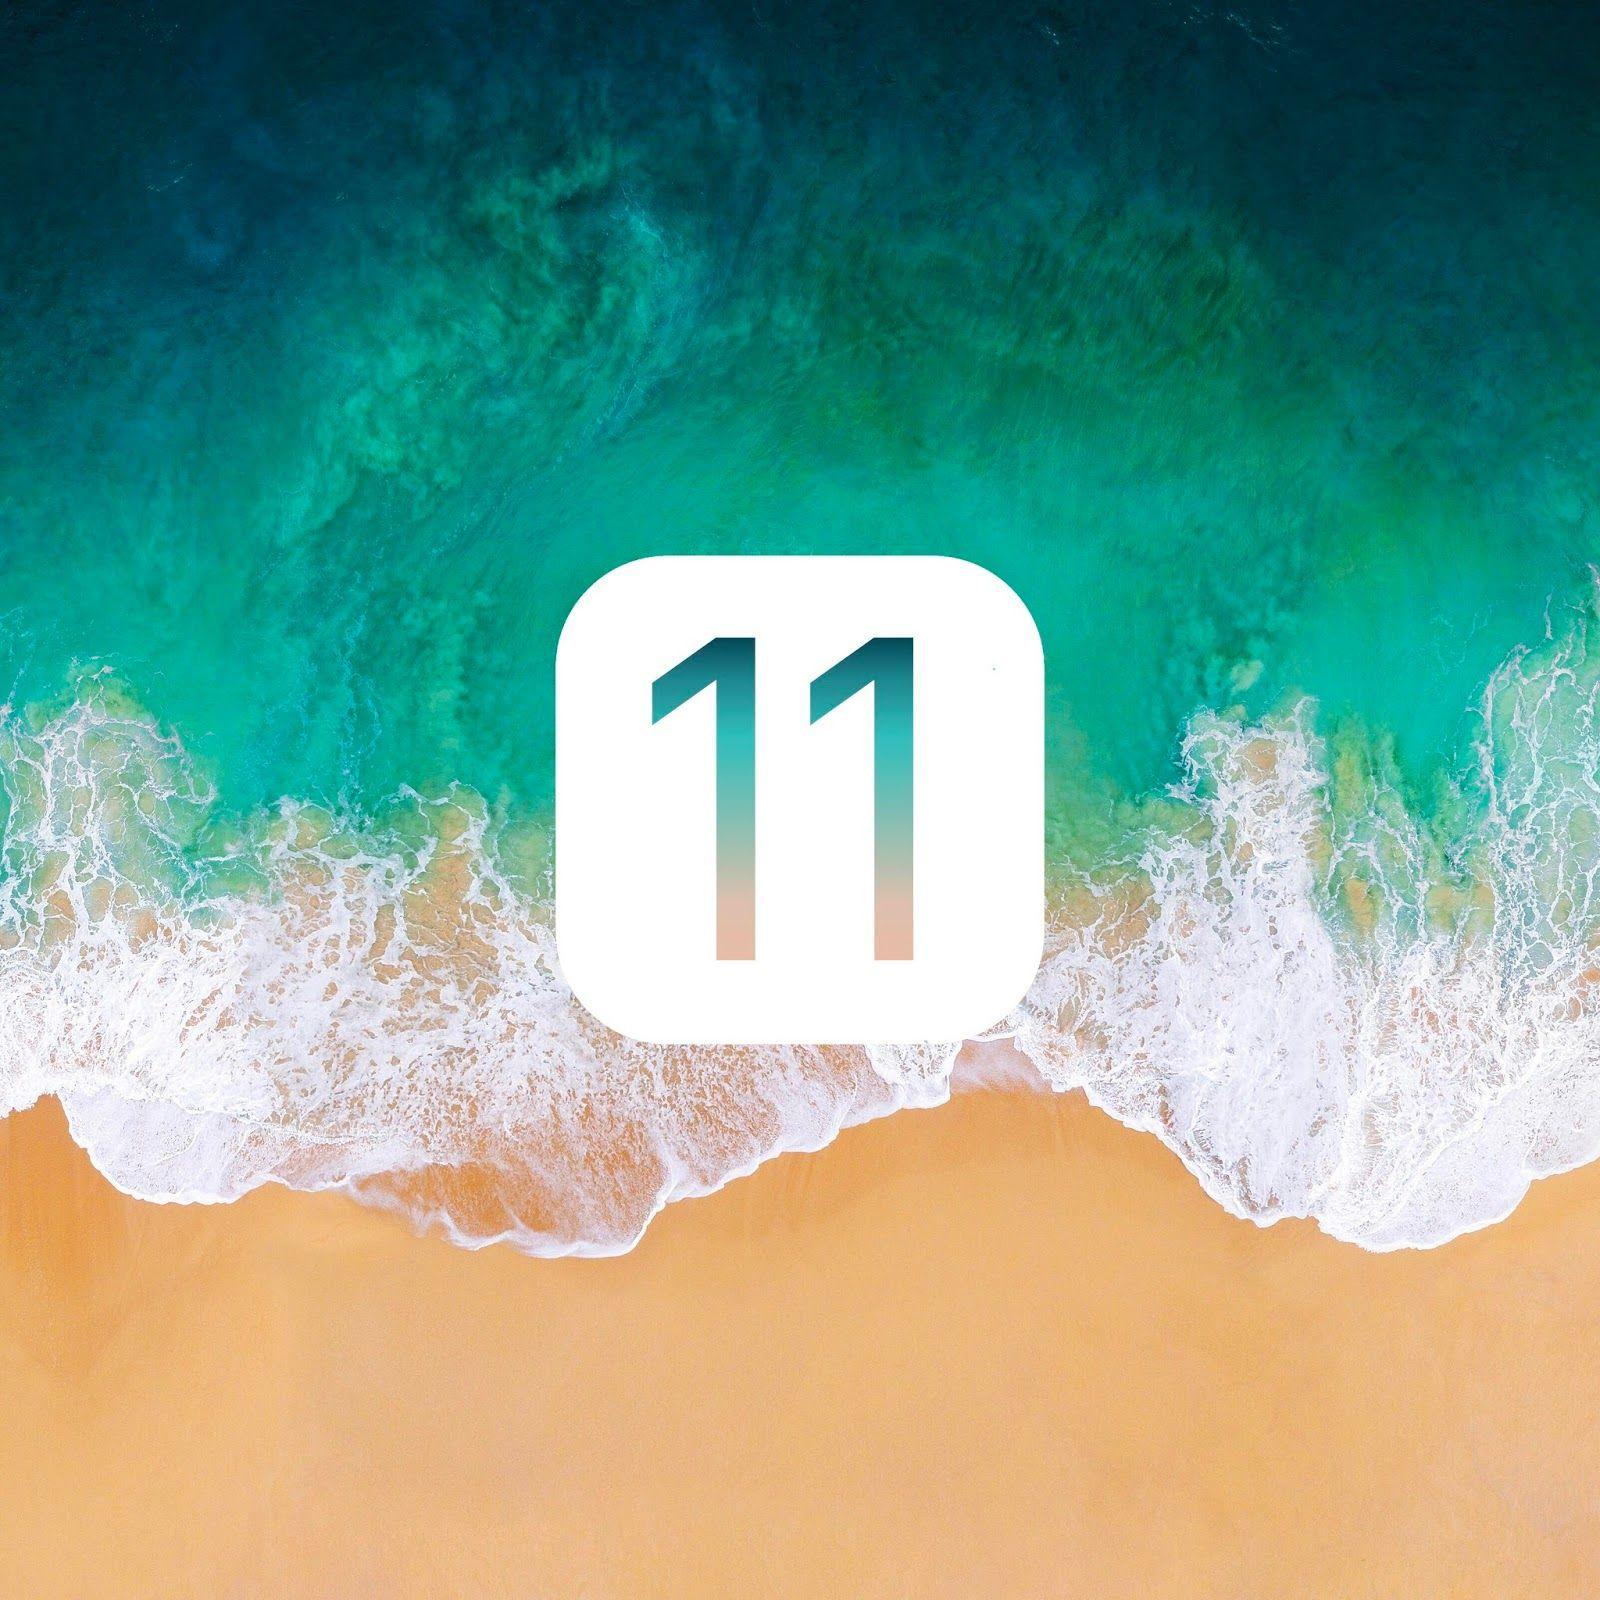 Iphone 11 Wallpaper 4k Ios Wallpaper Hd 1600x1600 Wallpapertip